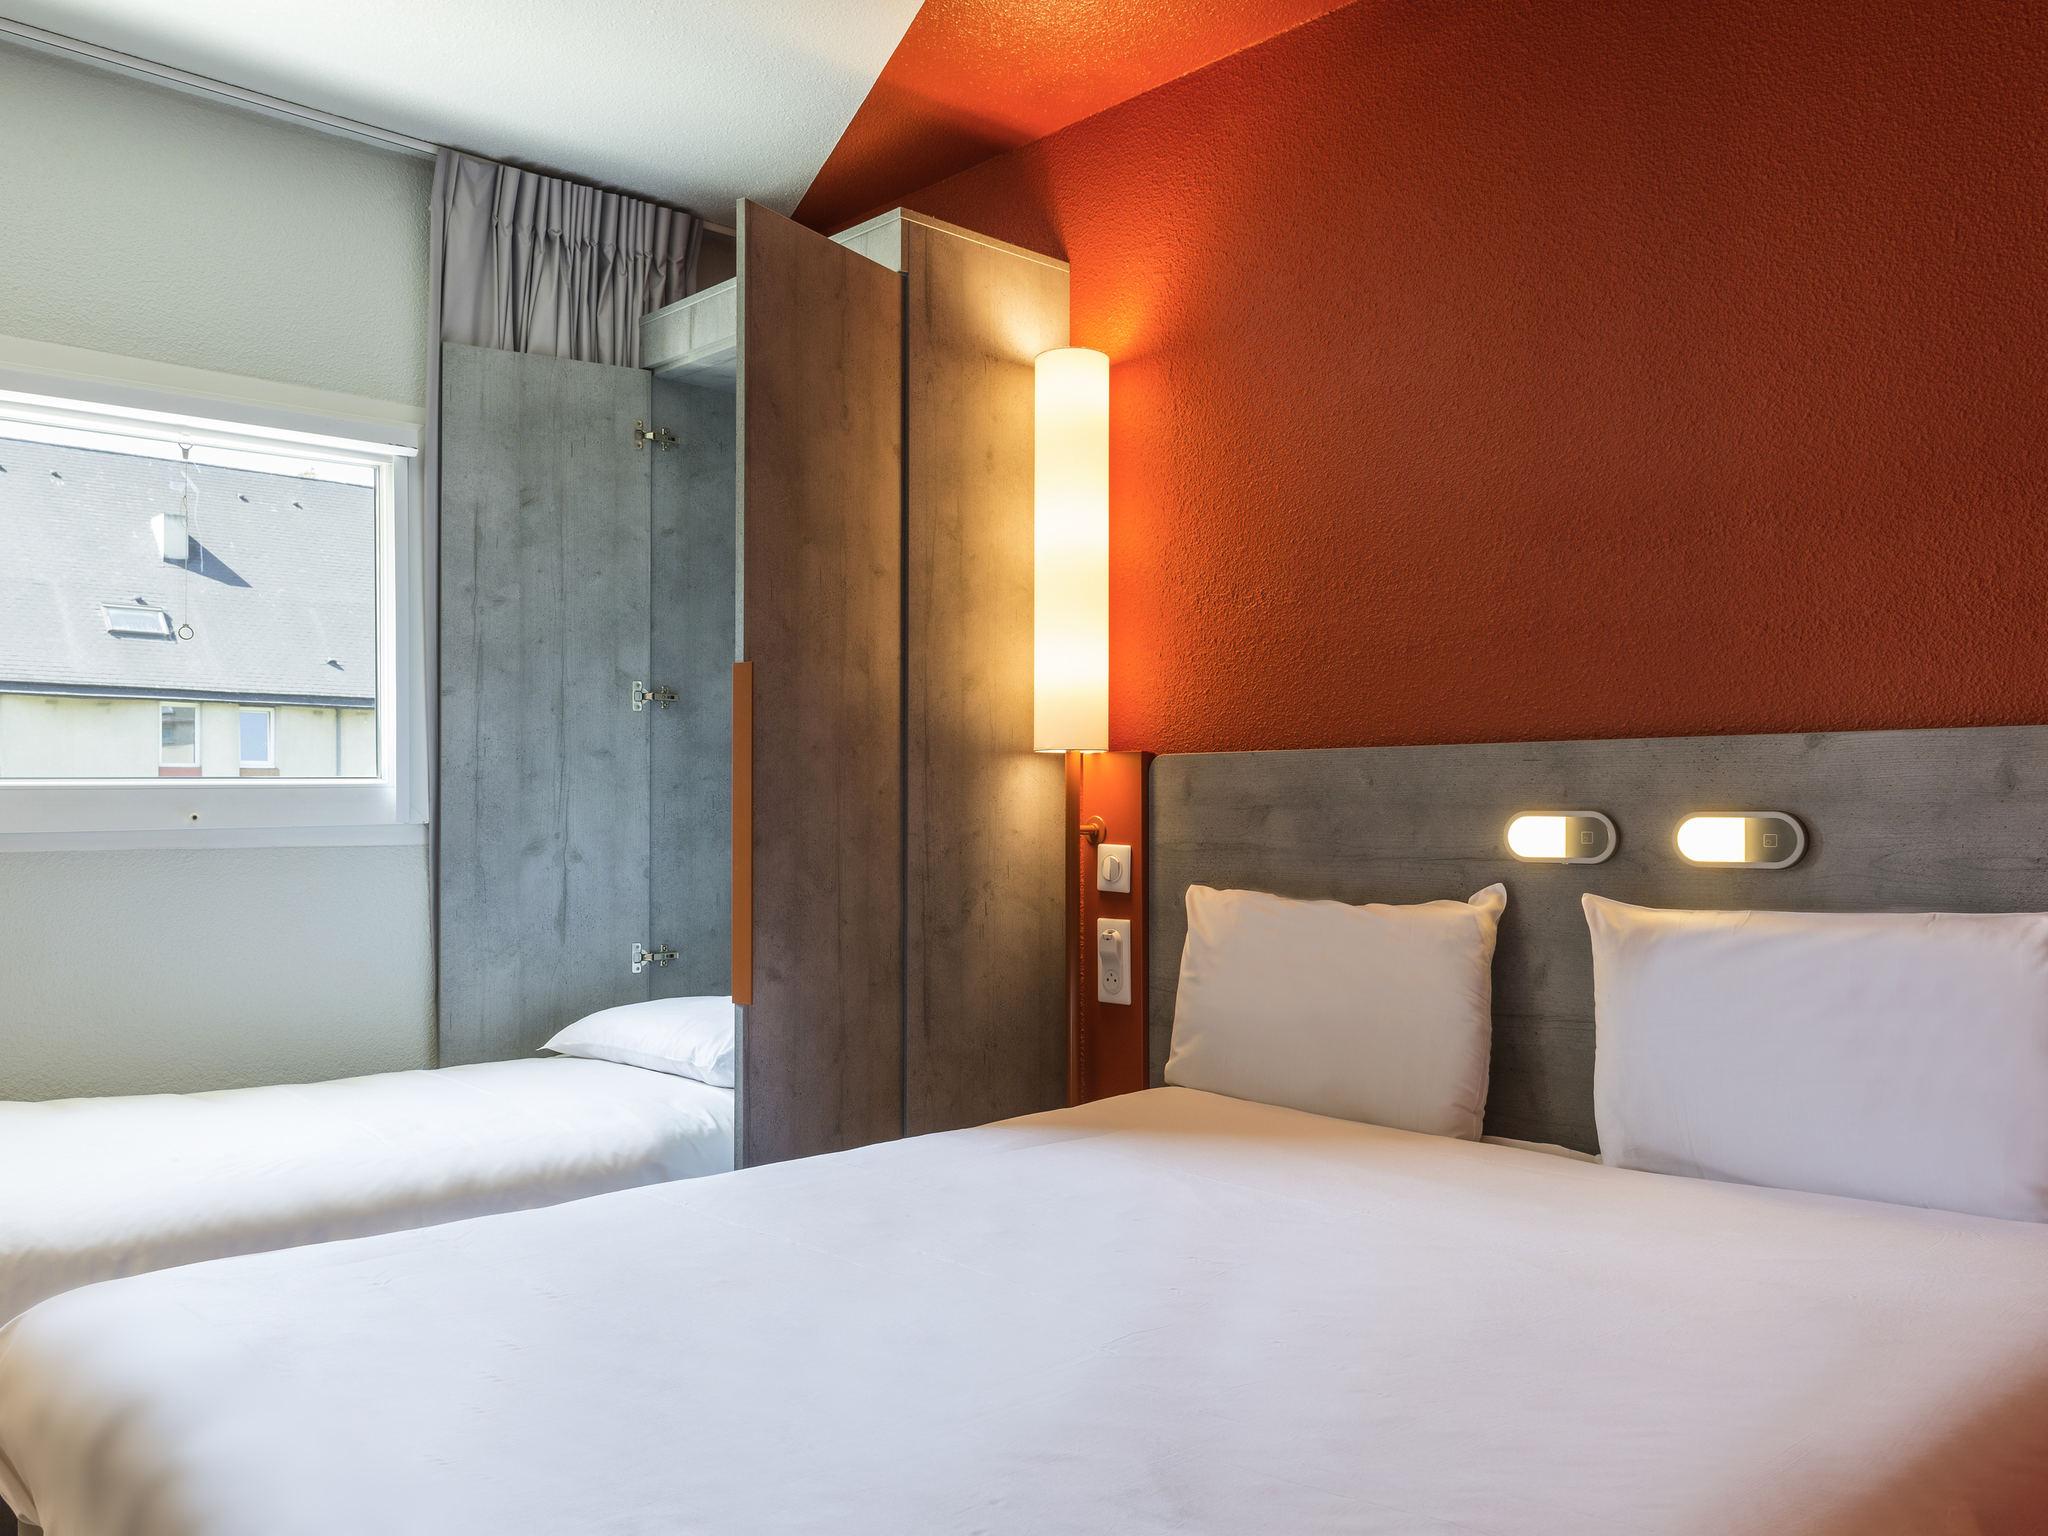 Ibis Hotel Senlis